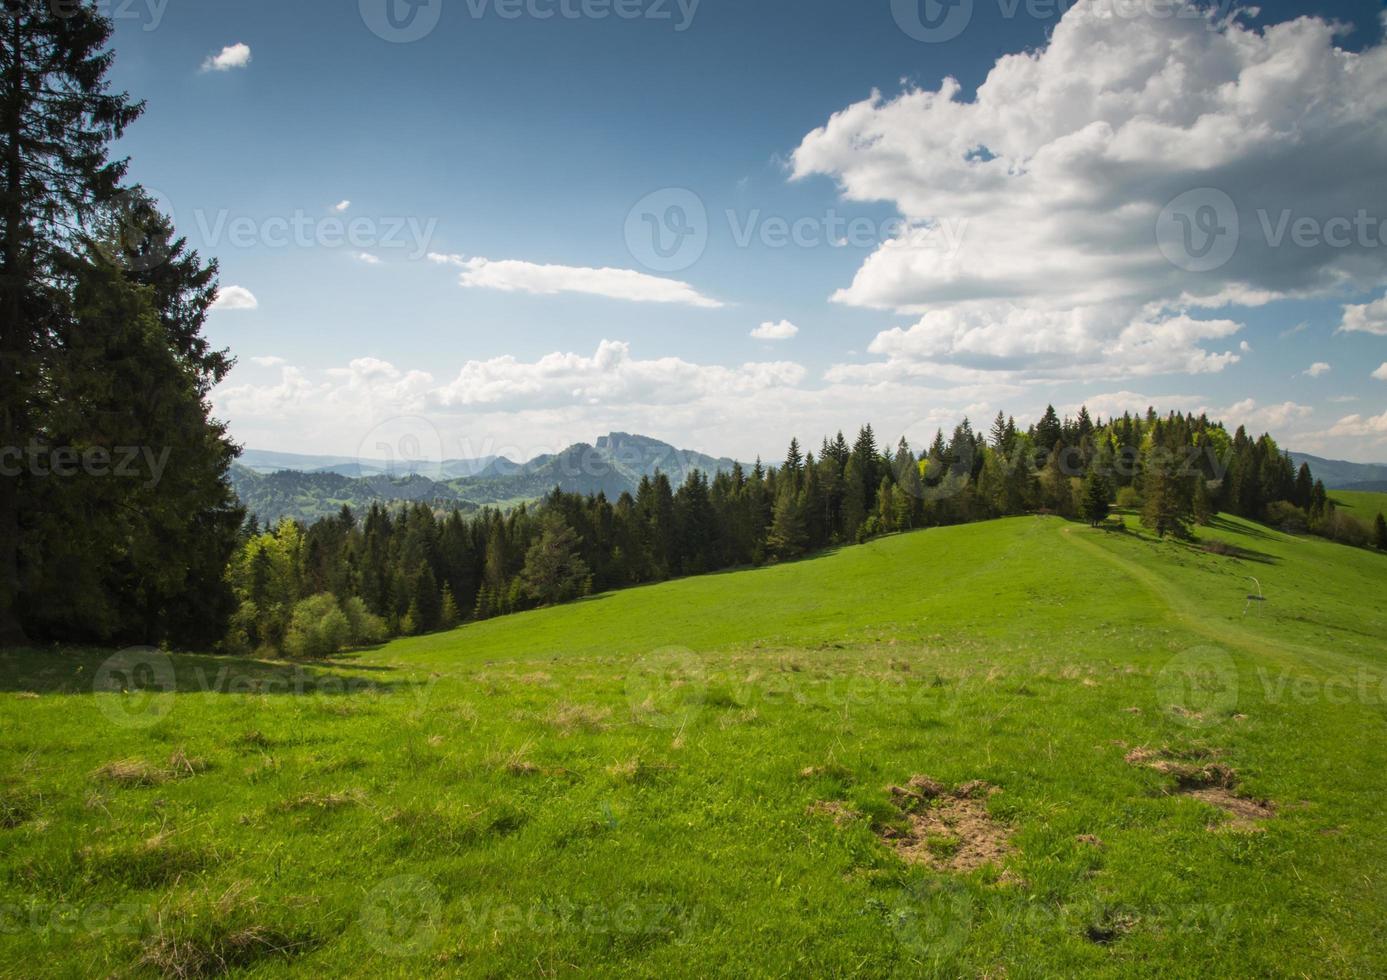 landschaftlich reizvolle Landschaft Hügel und Berge und blauer bewölkter Himmel foto